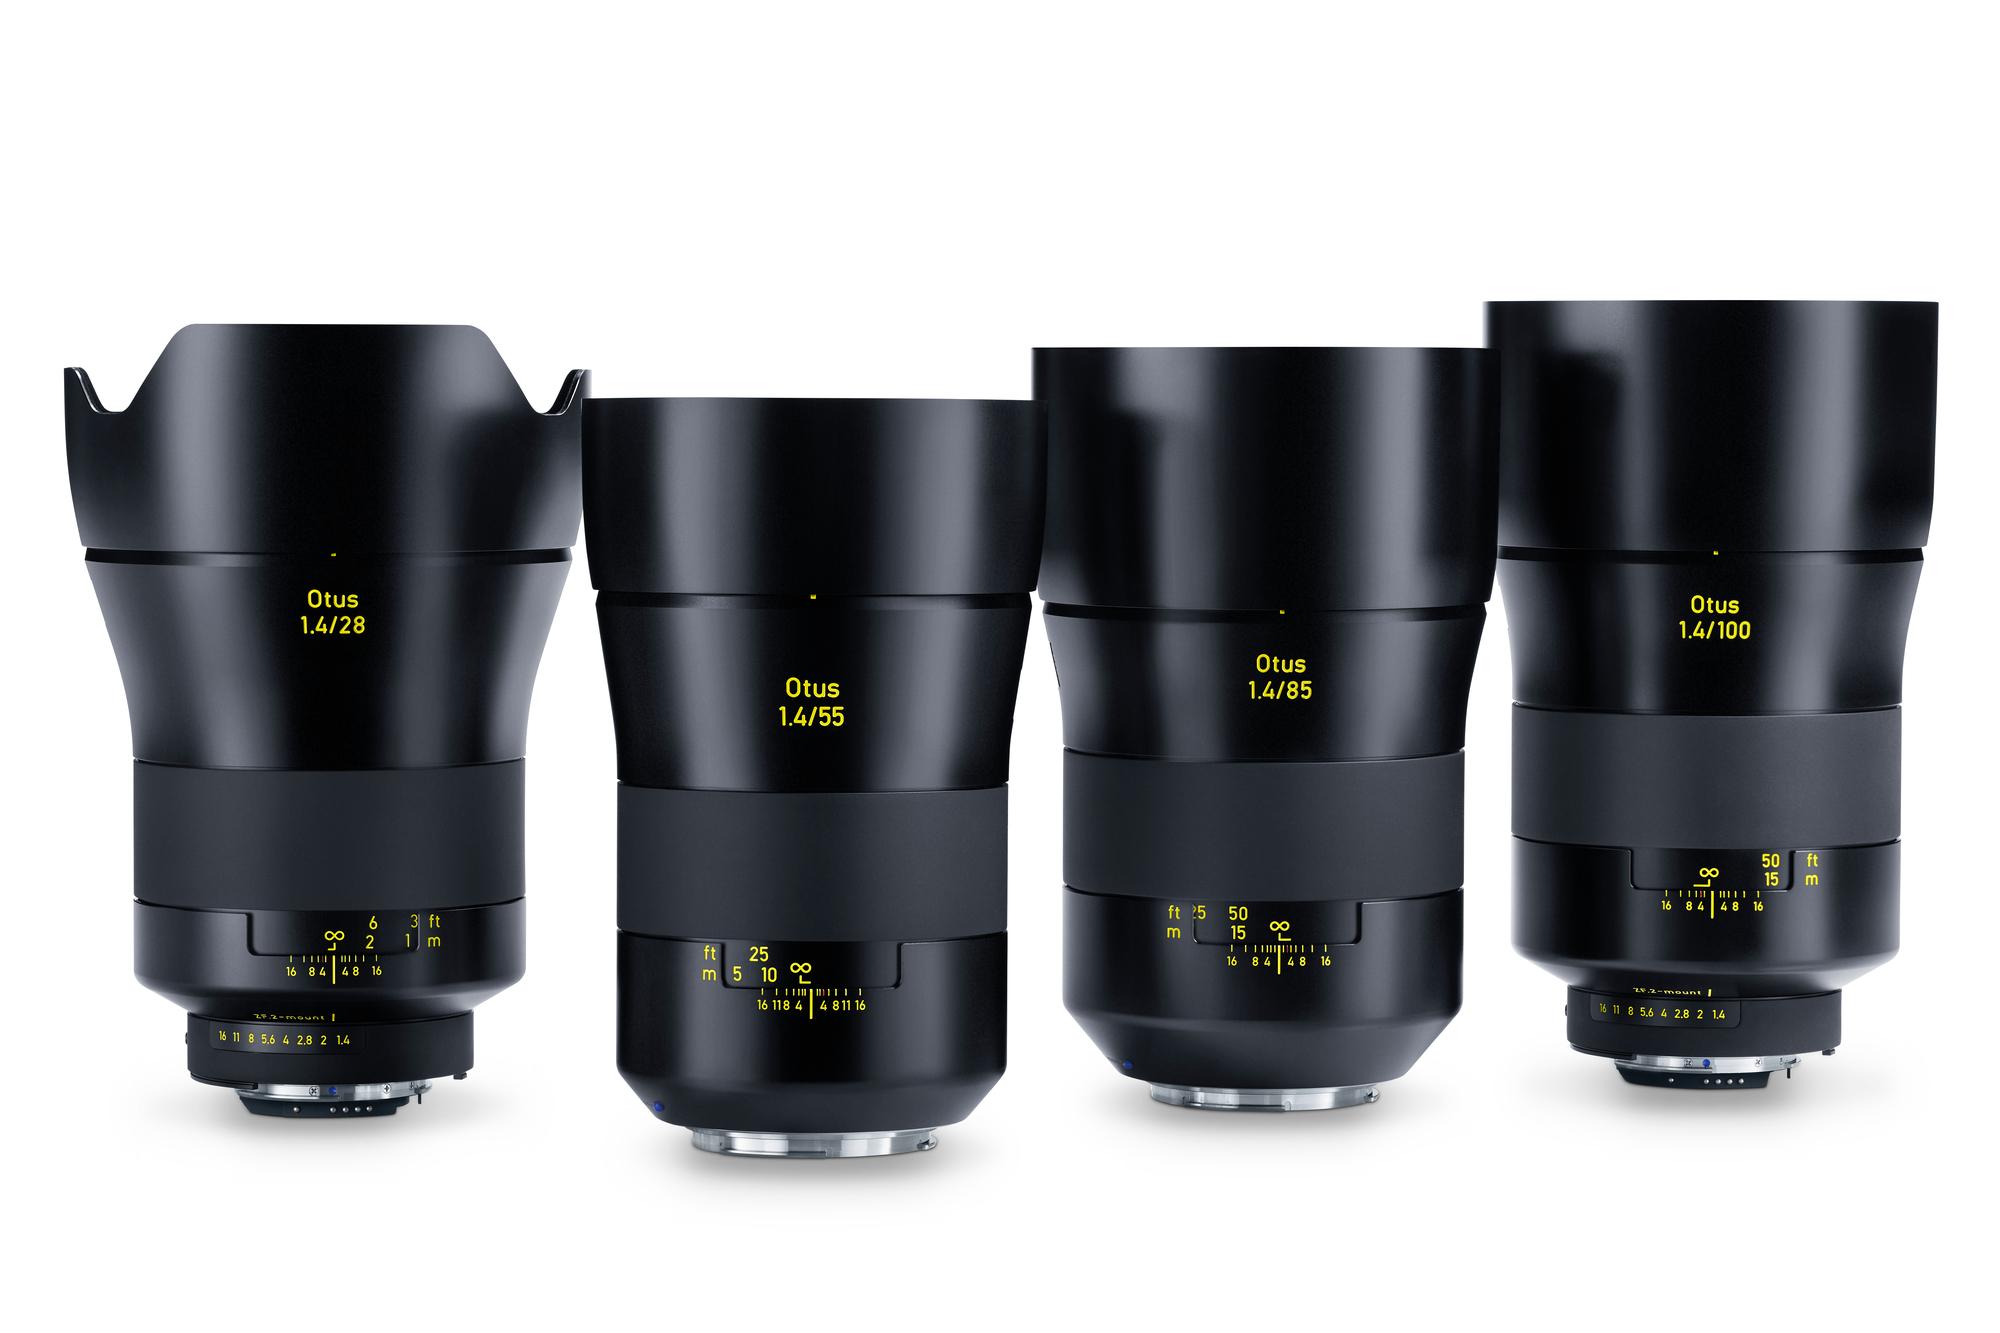 zeiss otus family of lenses